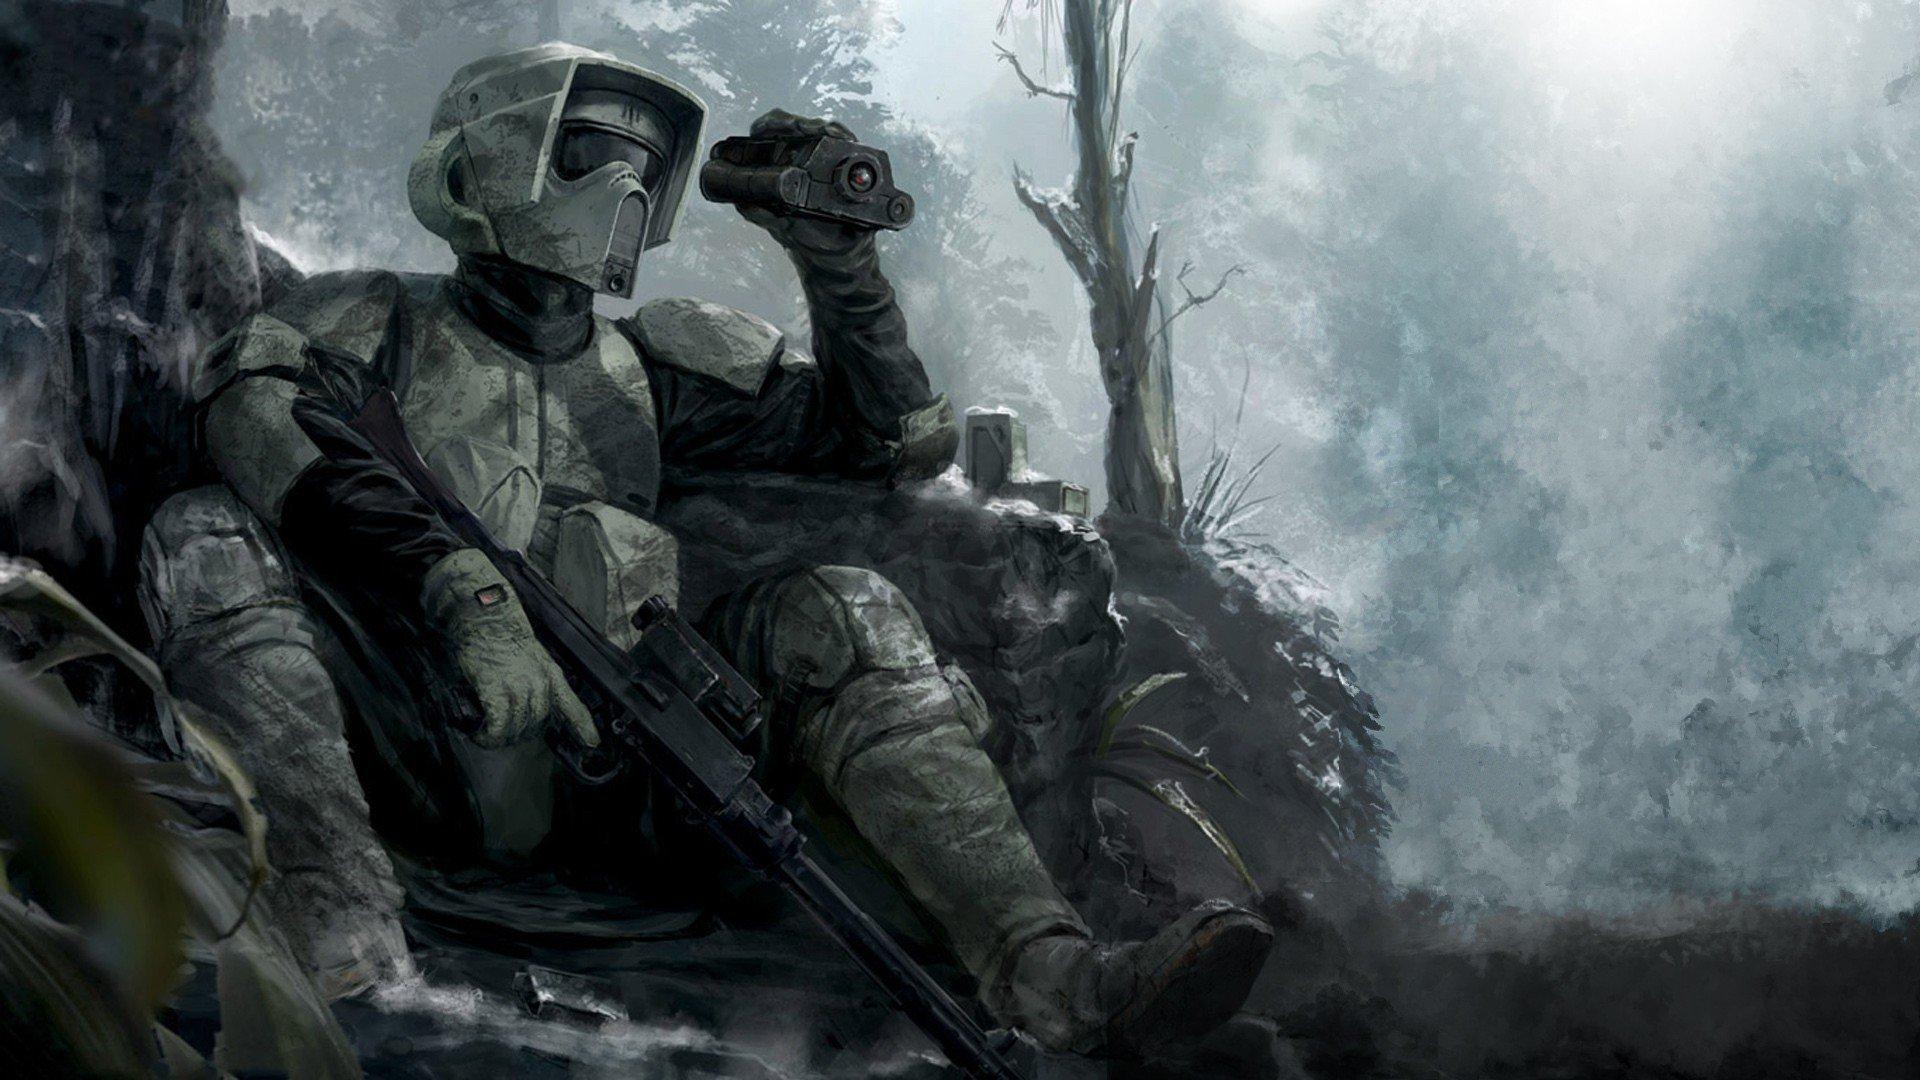 TK-436: A Stormtrooper Story to jeden z najciekawszych niezależnych filmów w świecie Star Wars